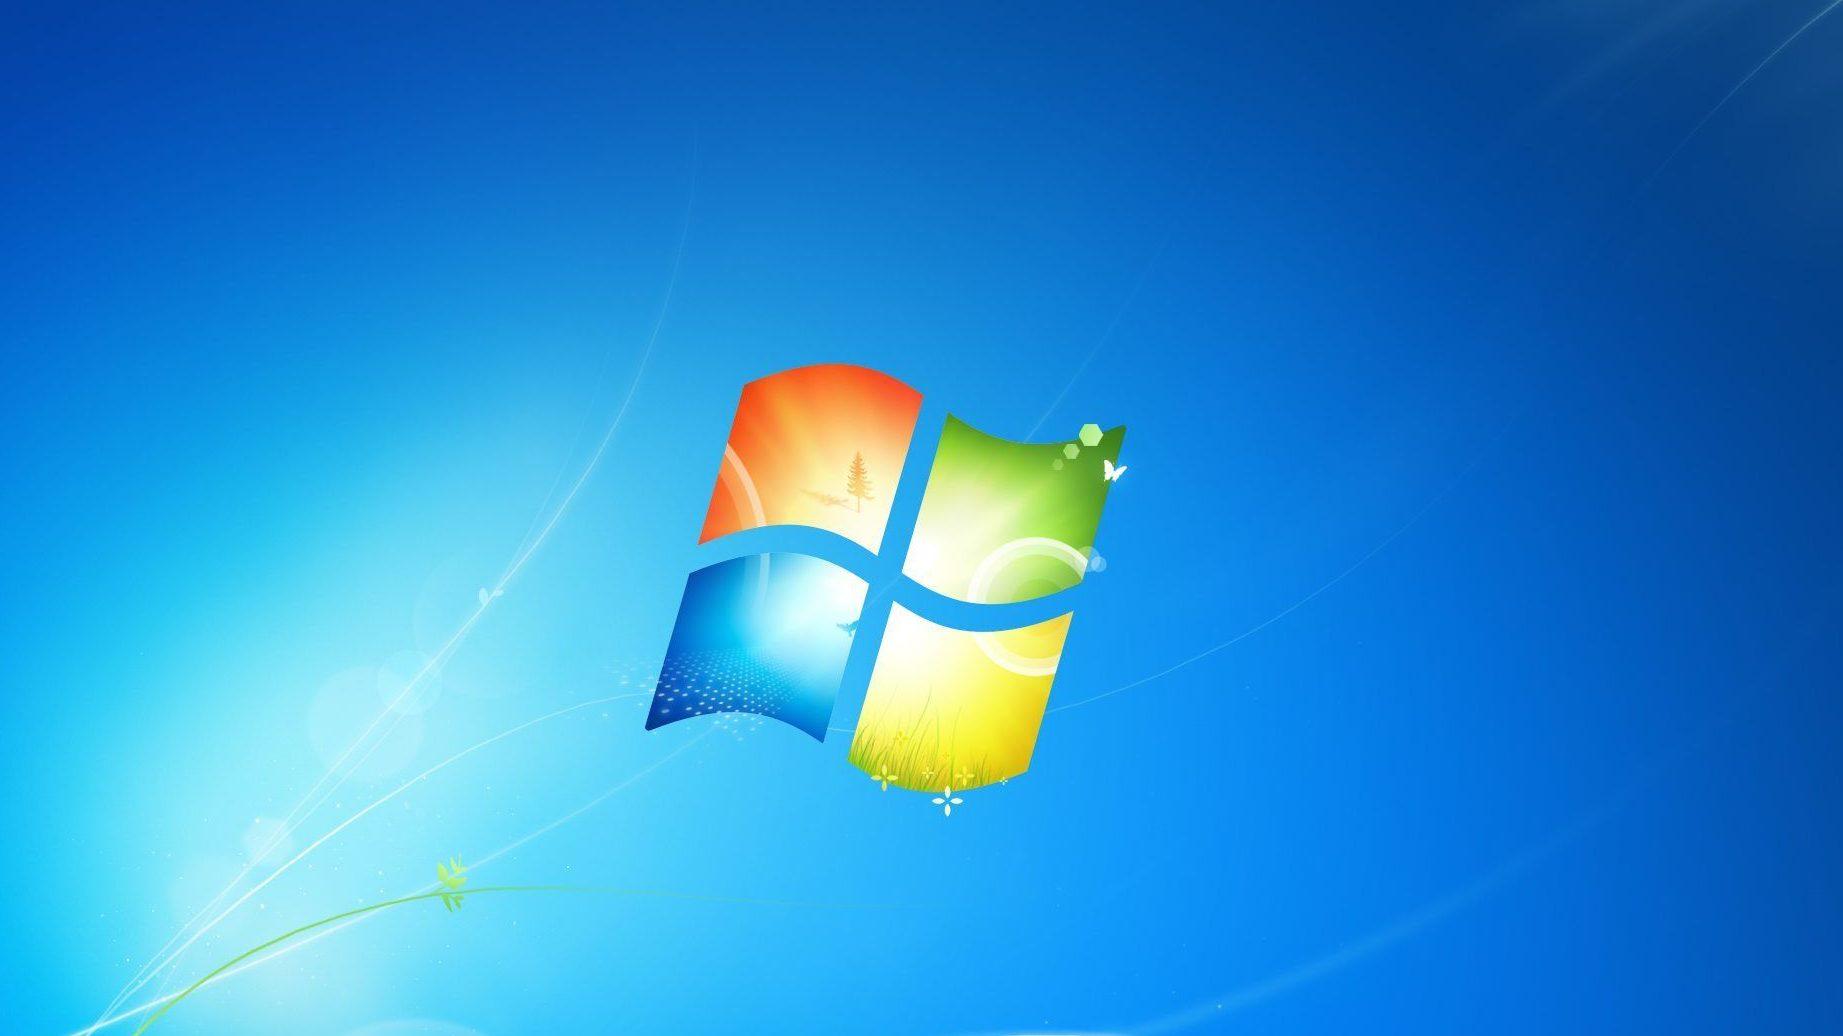 Descarcă teme pentru Windows 7